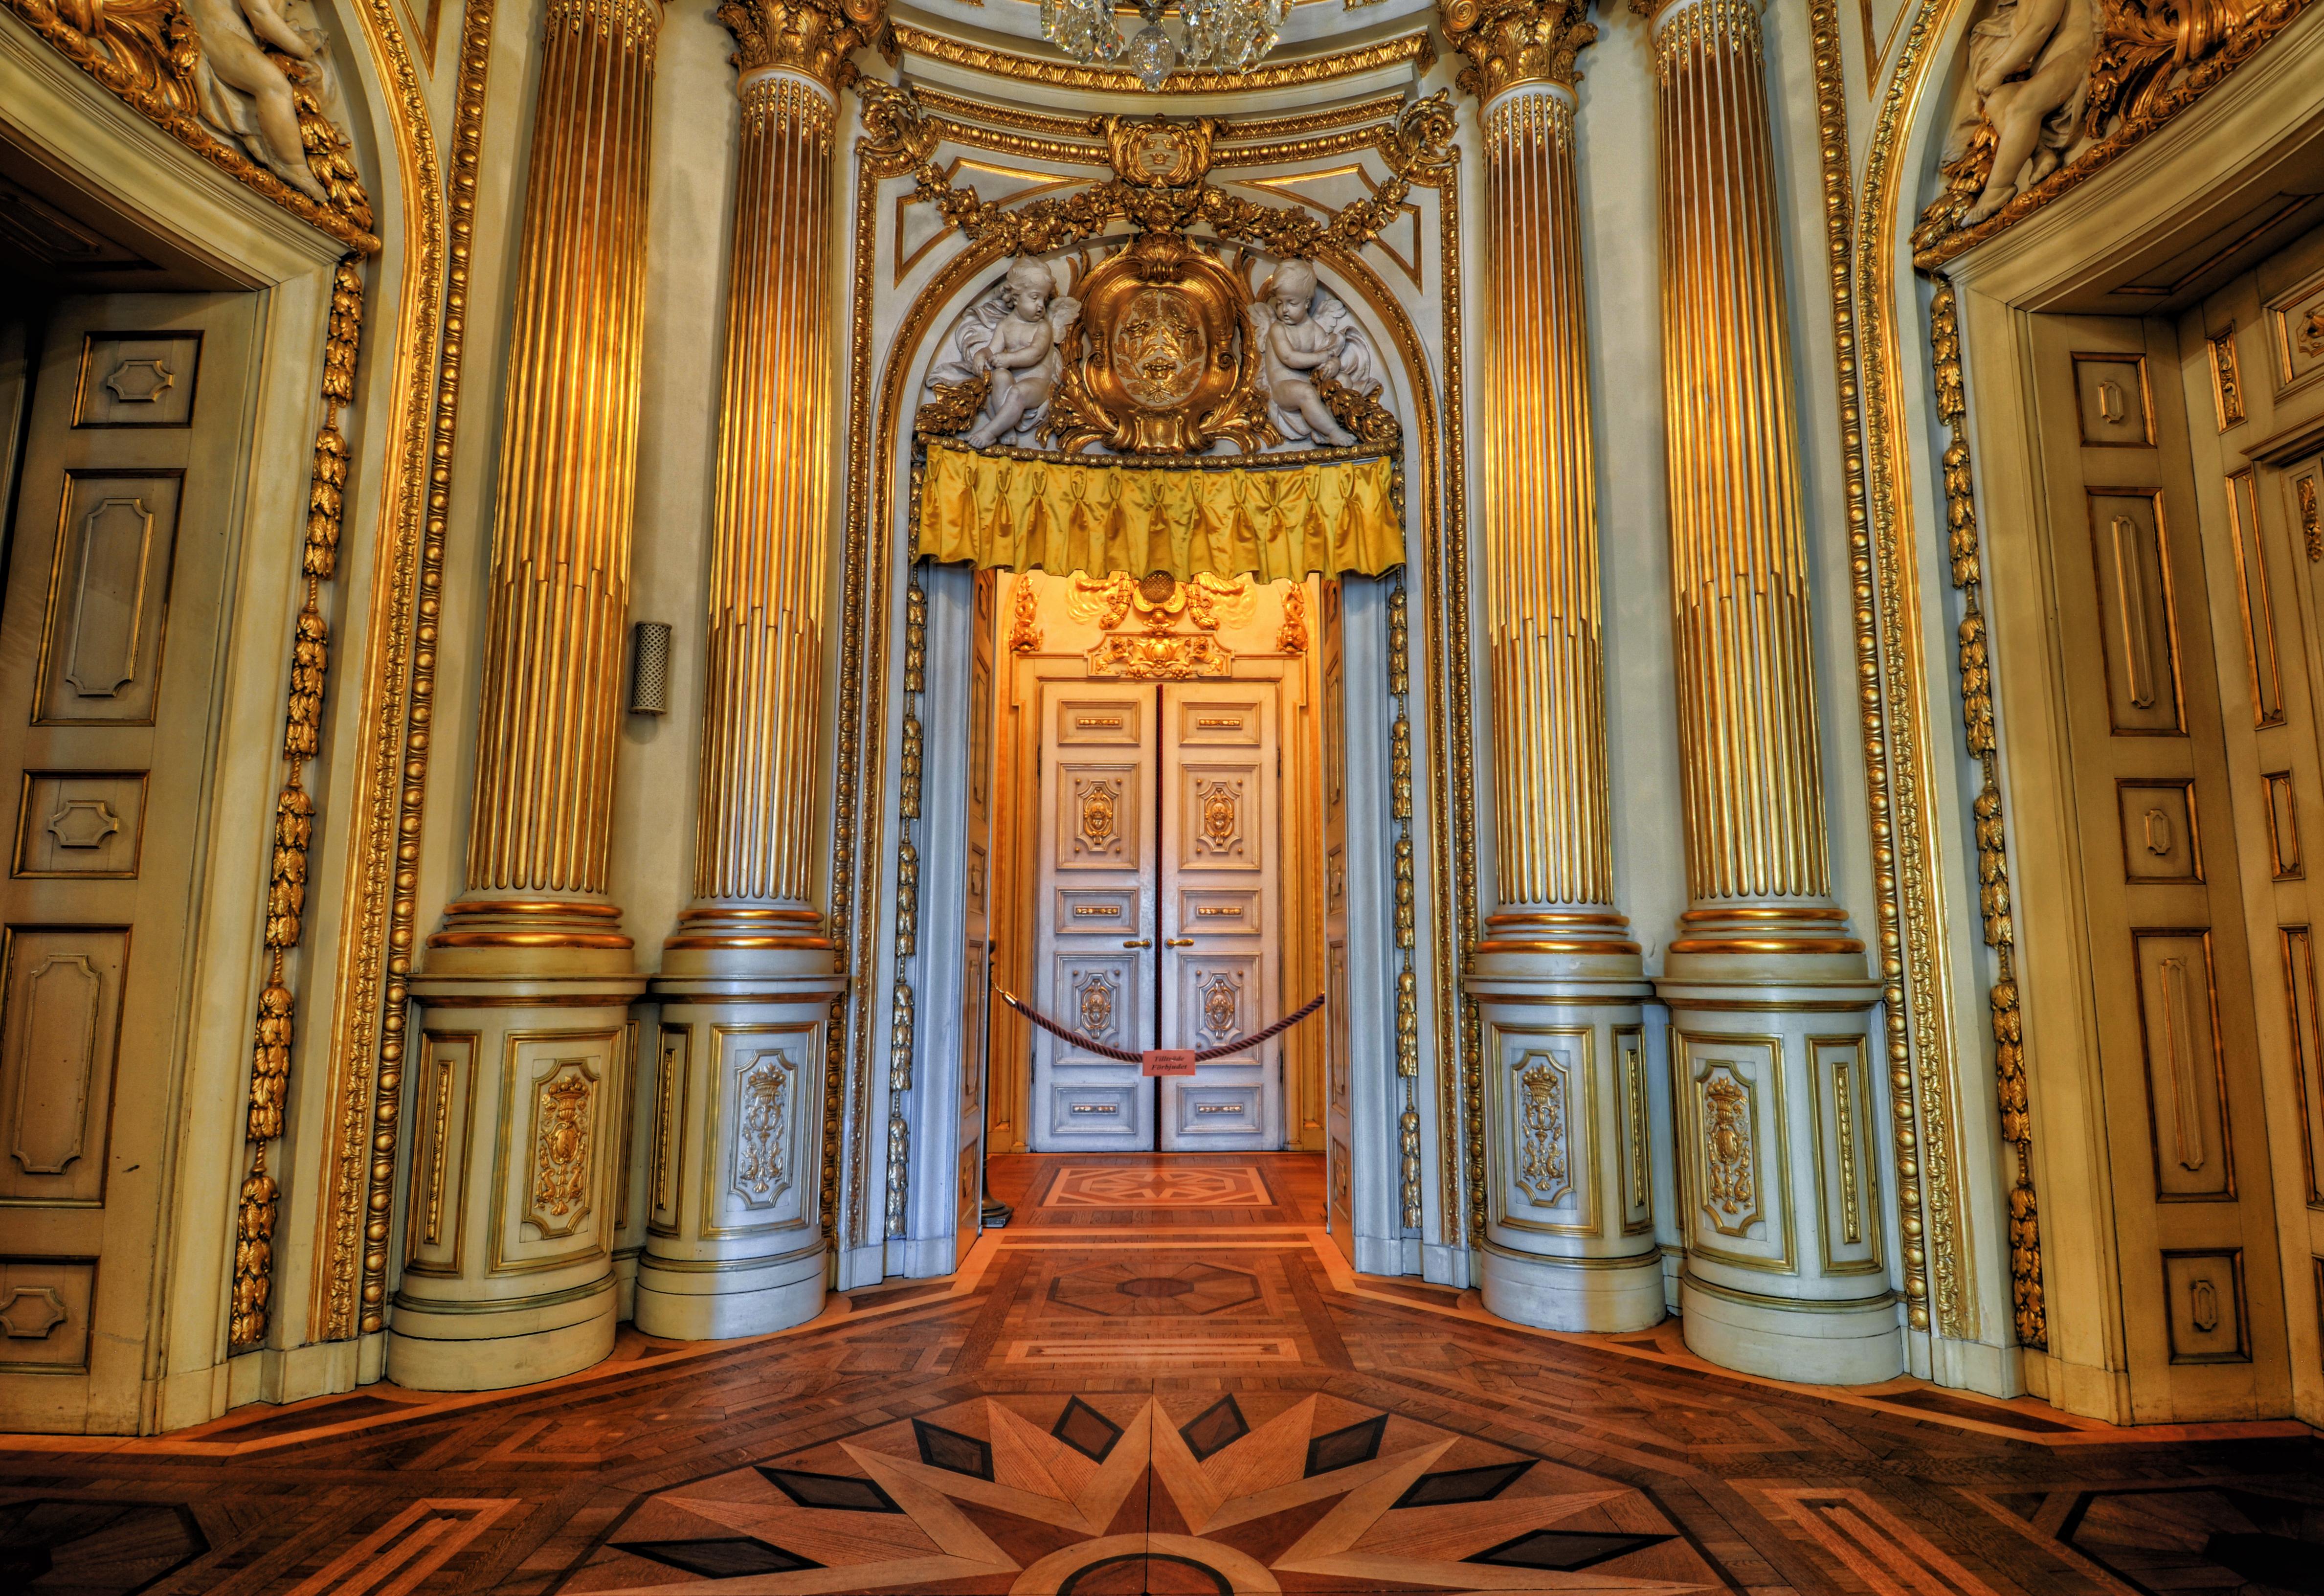 The Golden Baroque by HenrikSundholm